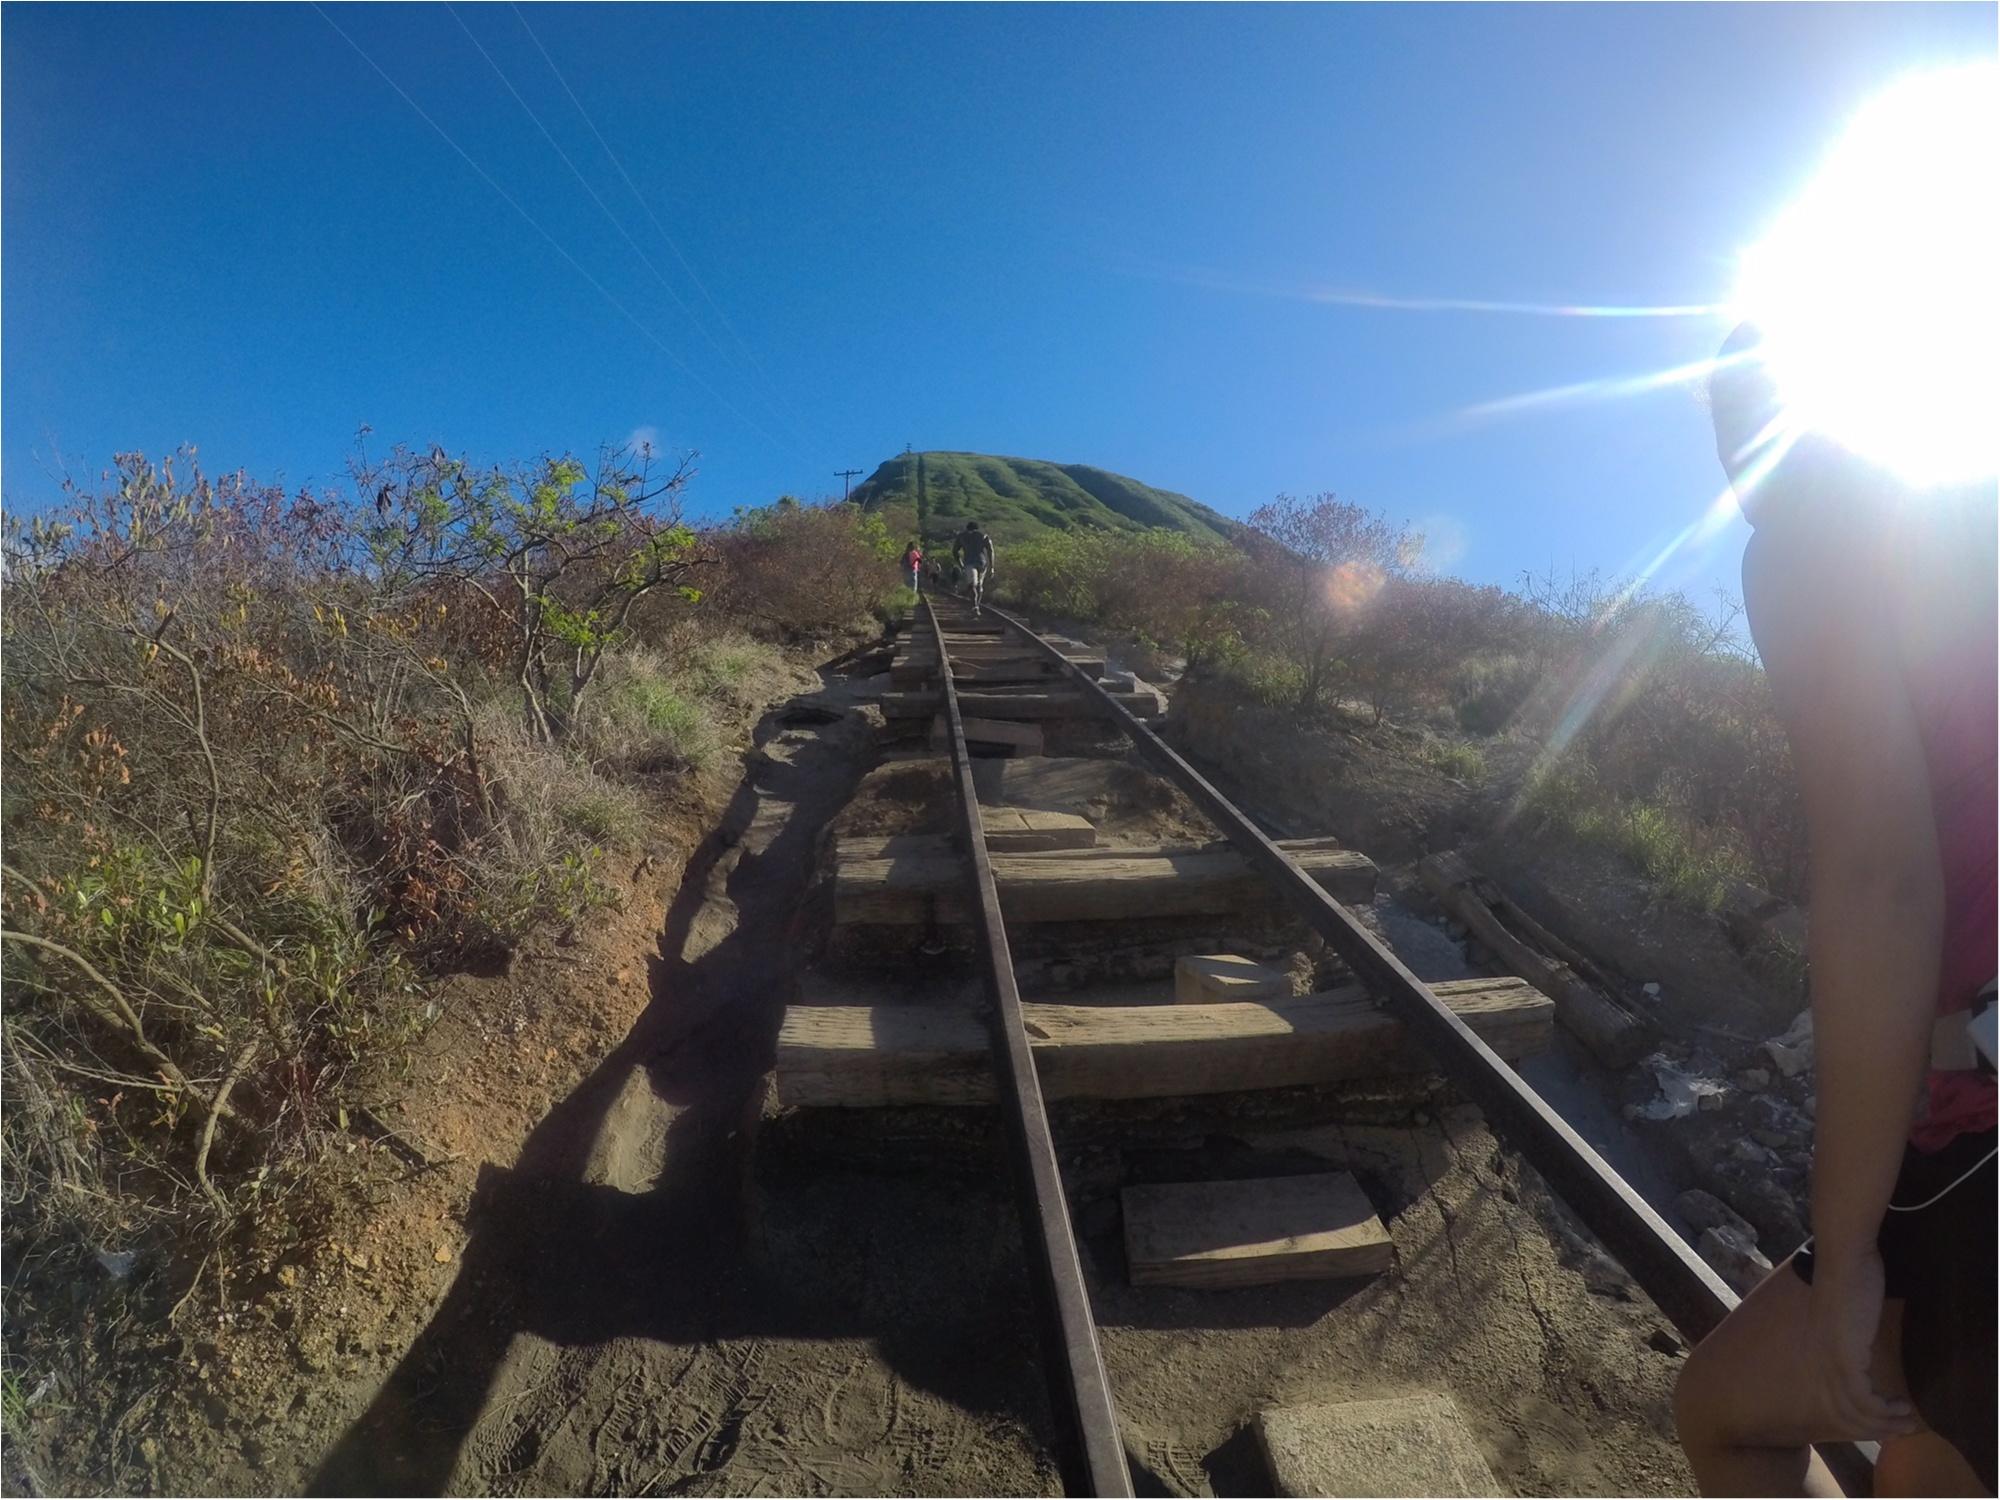 【ハワイ旅①】ダイヤモンドヘッドだけじゃない、ハワイのハイキング!キツい分それ以上の景色と感動が待っていました♡♡♡_5